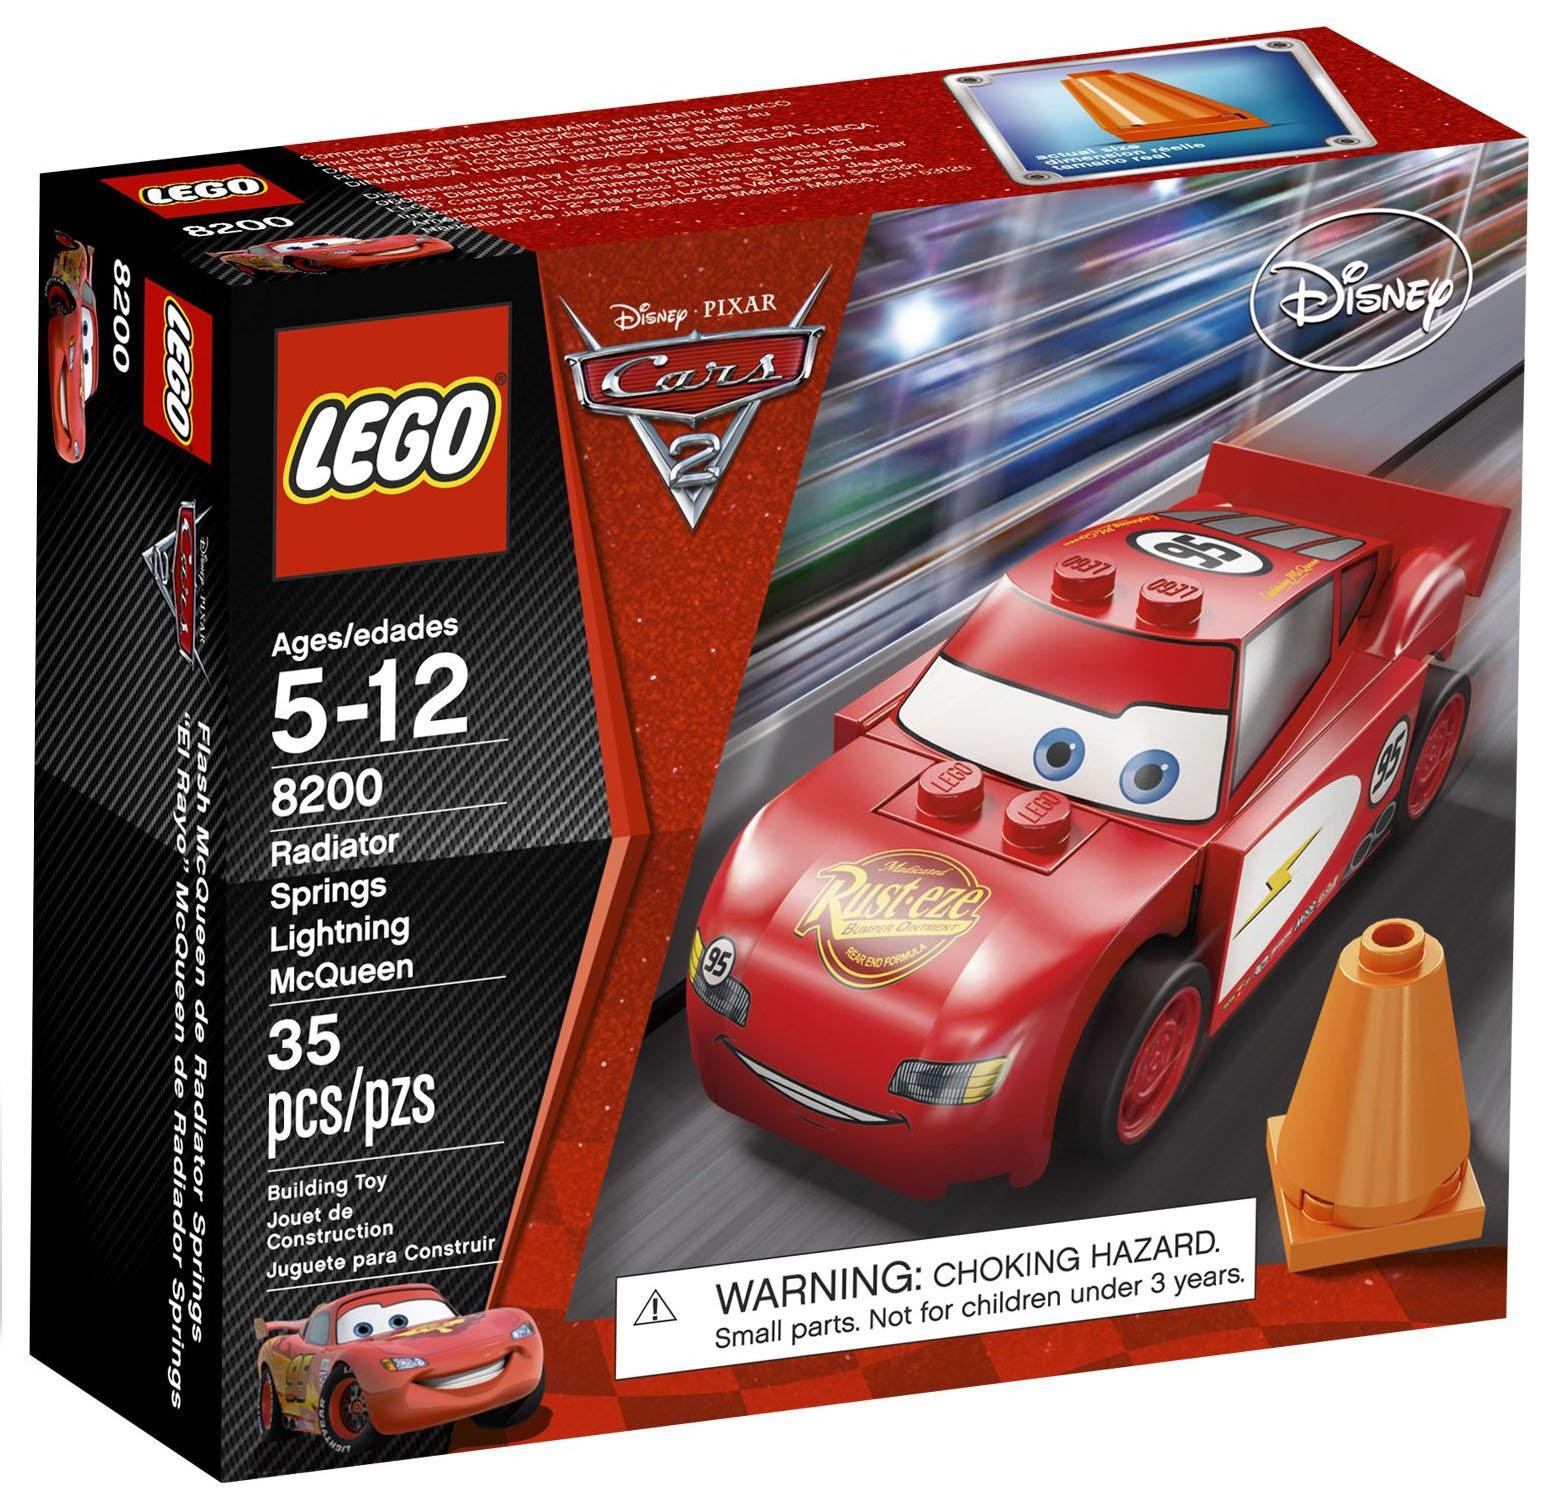 Lego cars 8200 pas cher flash mcqueen - Image de flash mcqueen ...